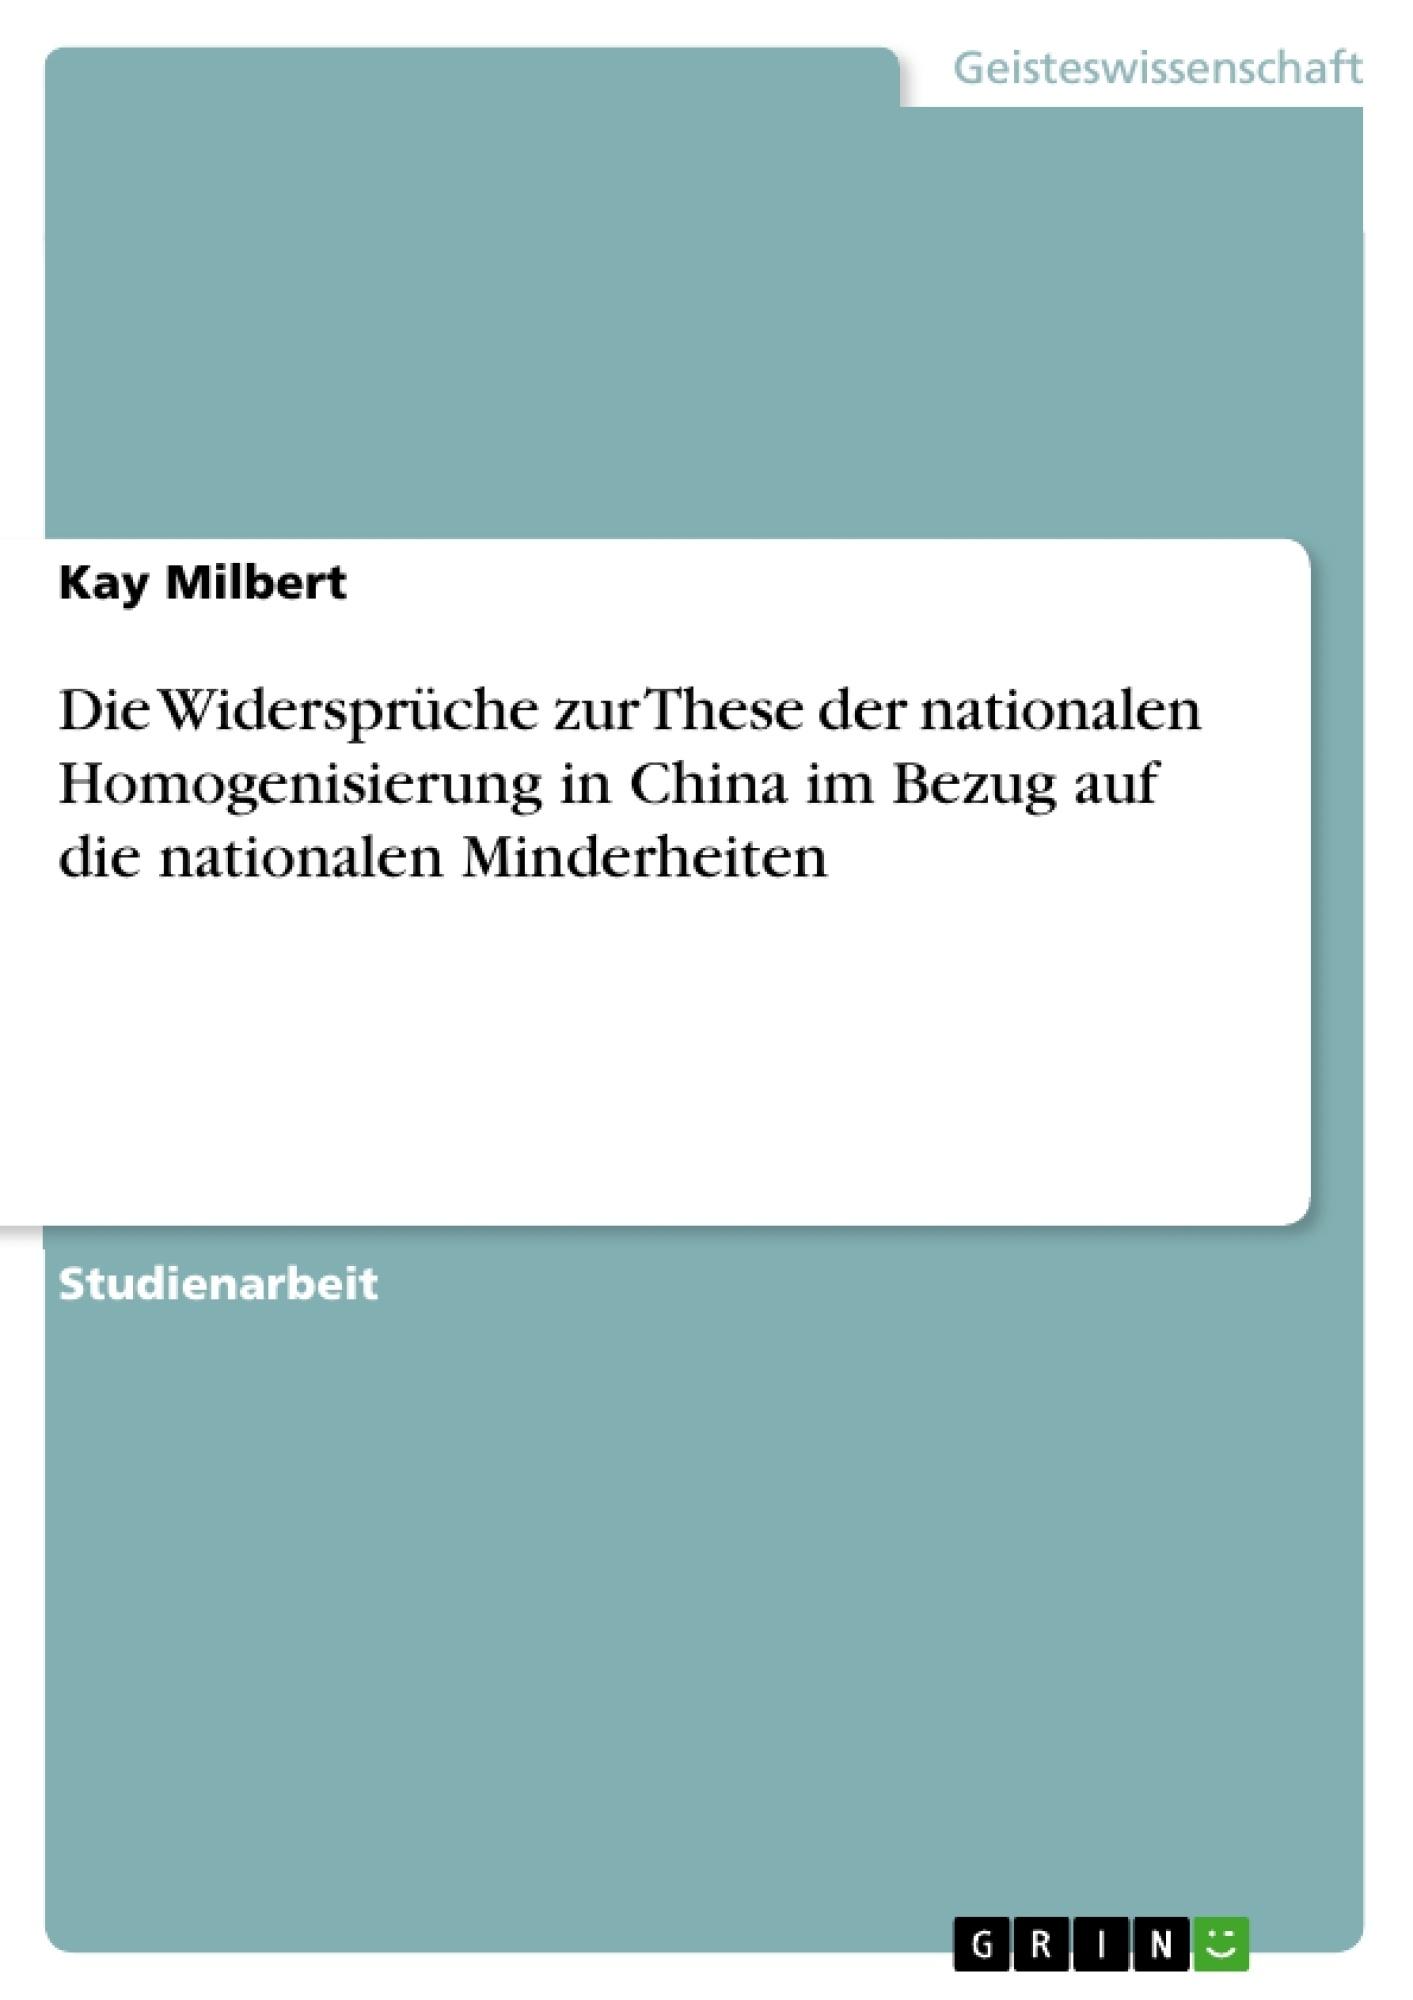 Titel: Die Widersprüche zur These der nationalen Homogenisierung in China im Bezug auf die nationalen Minderheiten